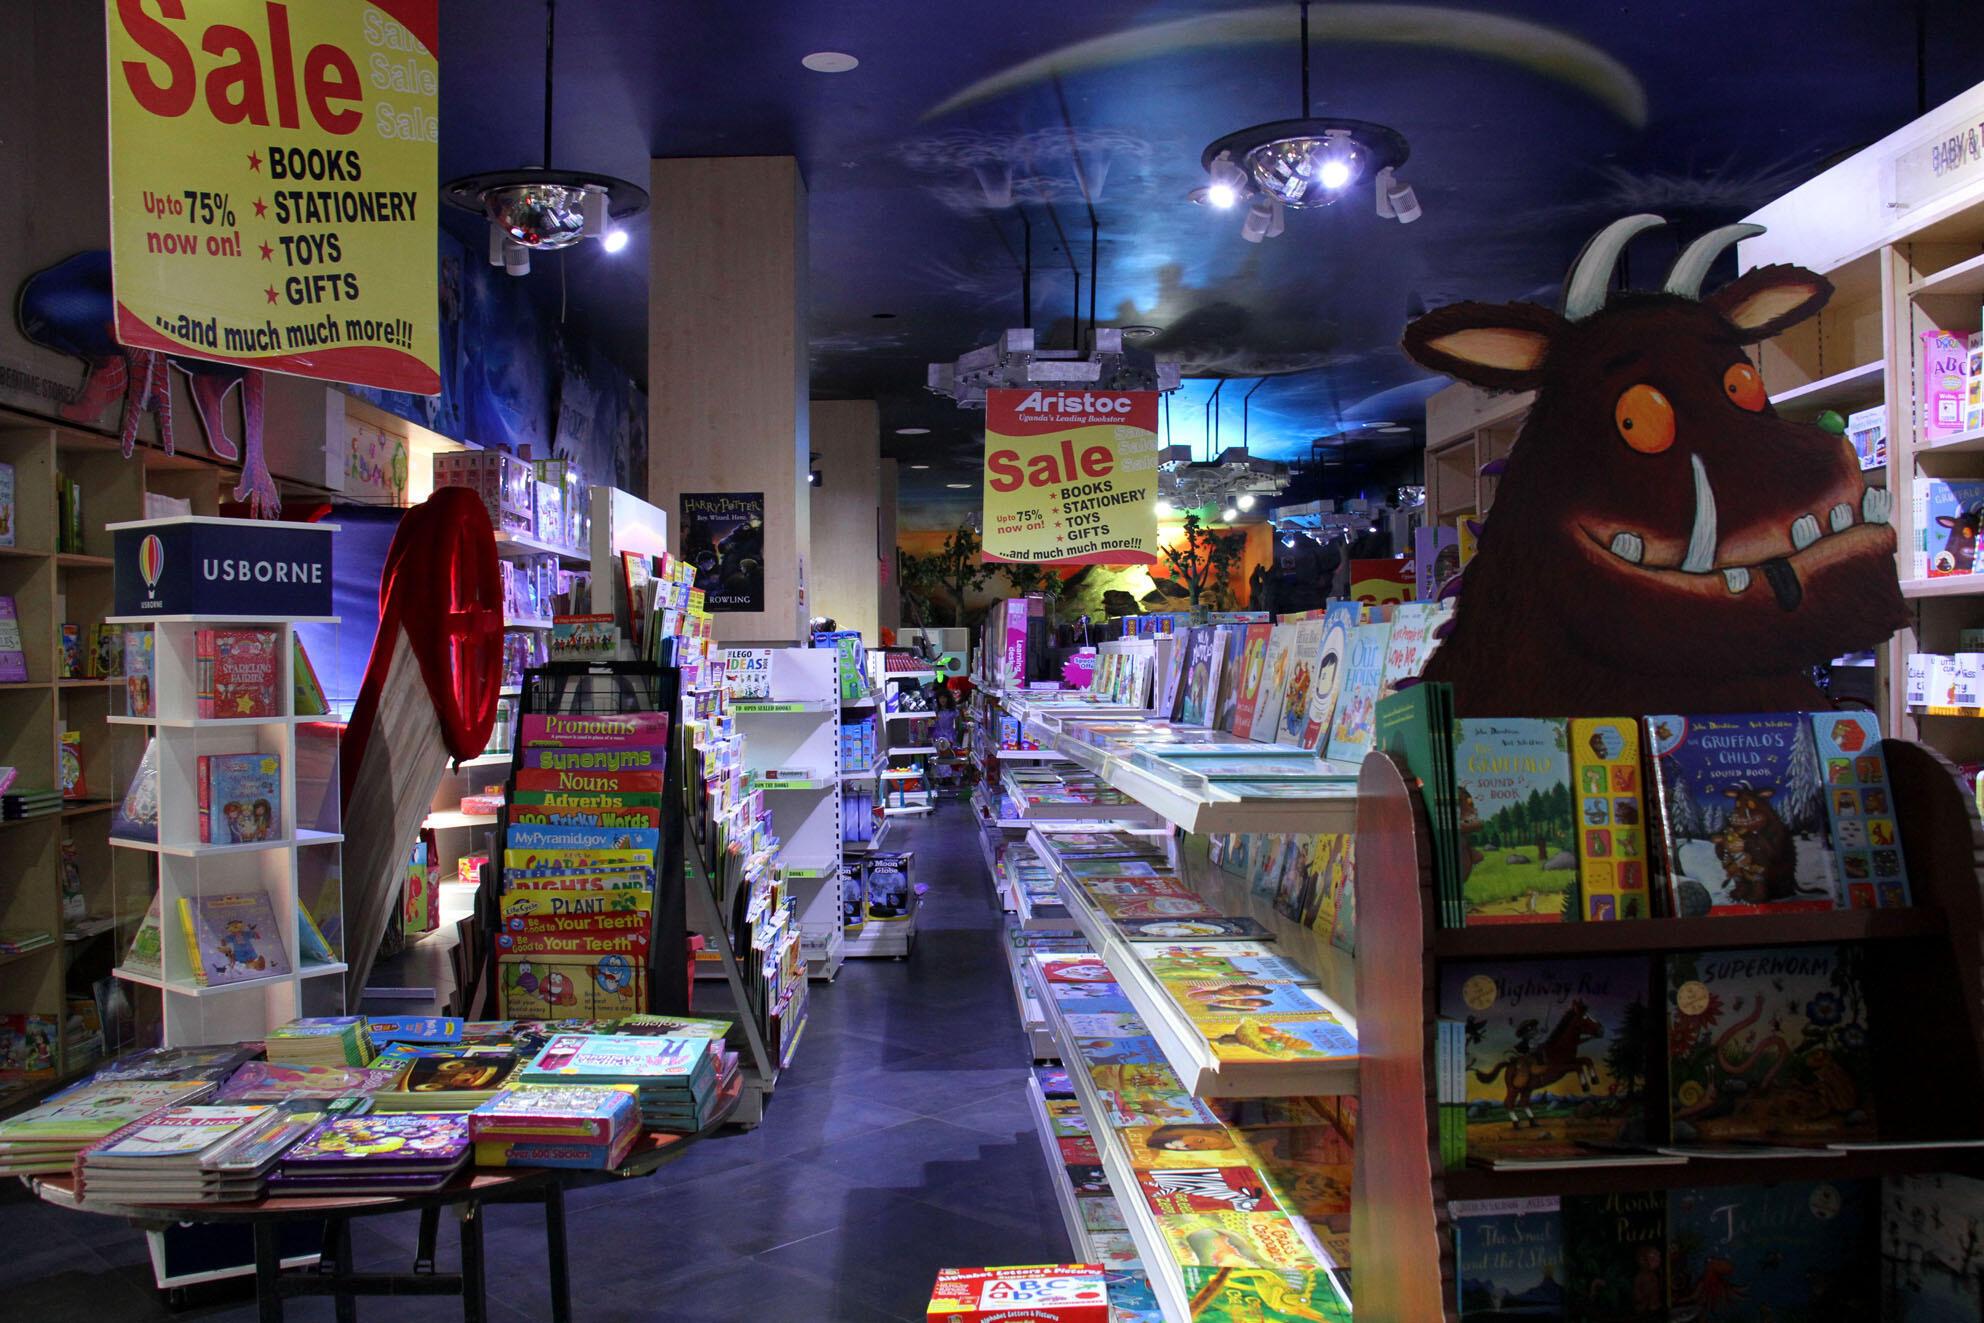 En Ouganda, la librairie Aristoc accorde une place importante à la littérature pour enfants.